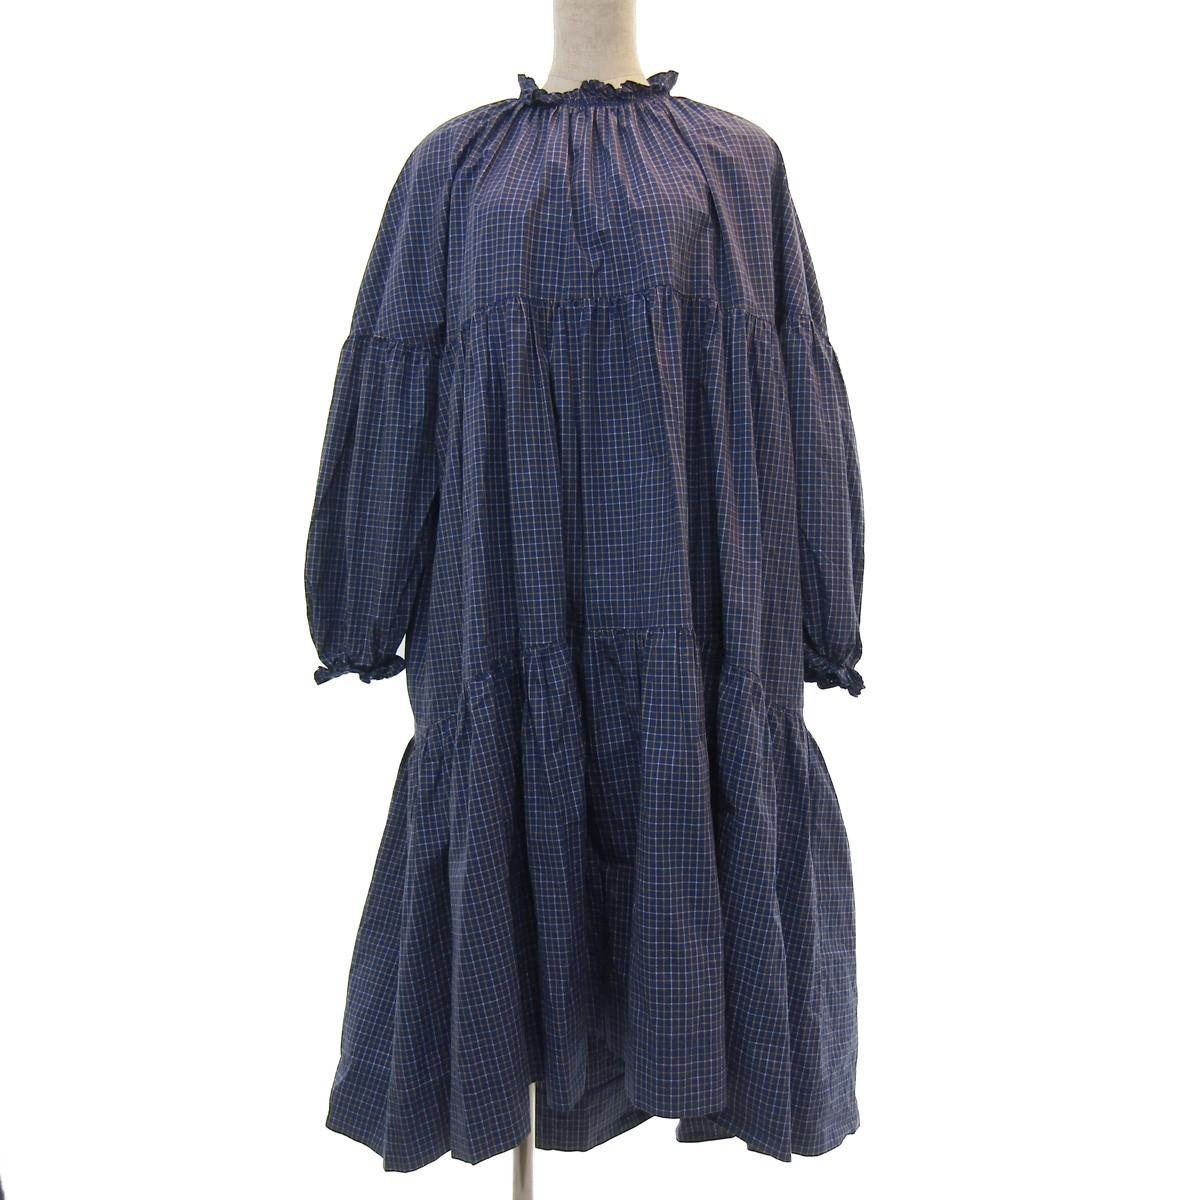 【中古】IRENE 19AW Check Tiered Tent Dress ワンピース ブルー サイズ:36 【160420】(アイレネ)